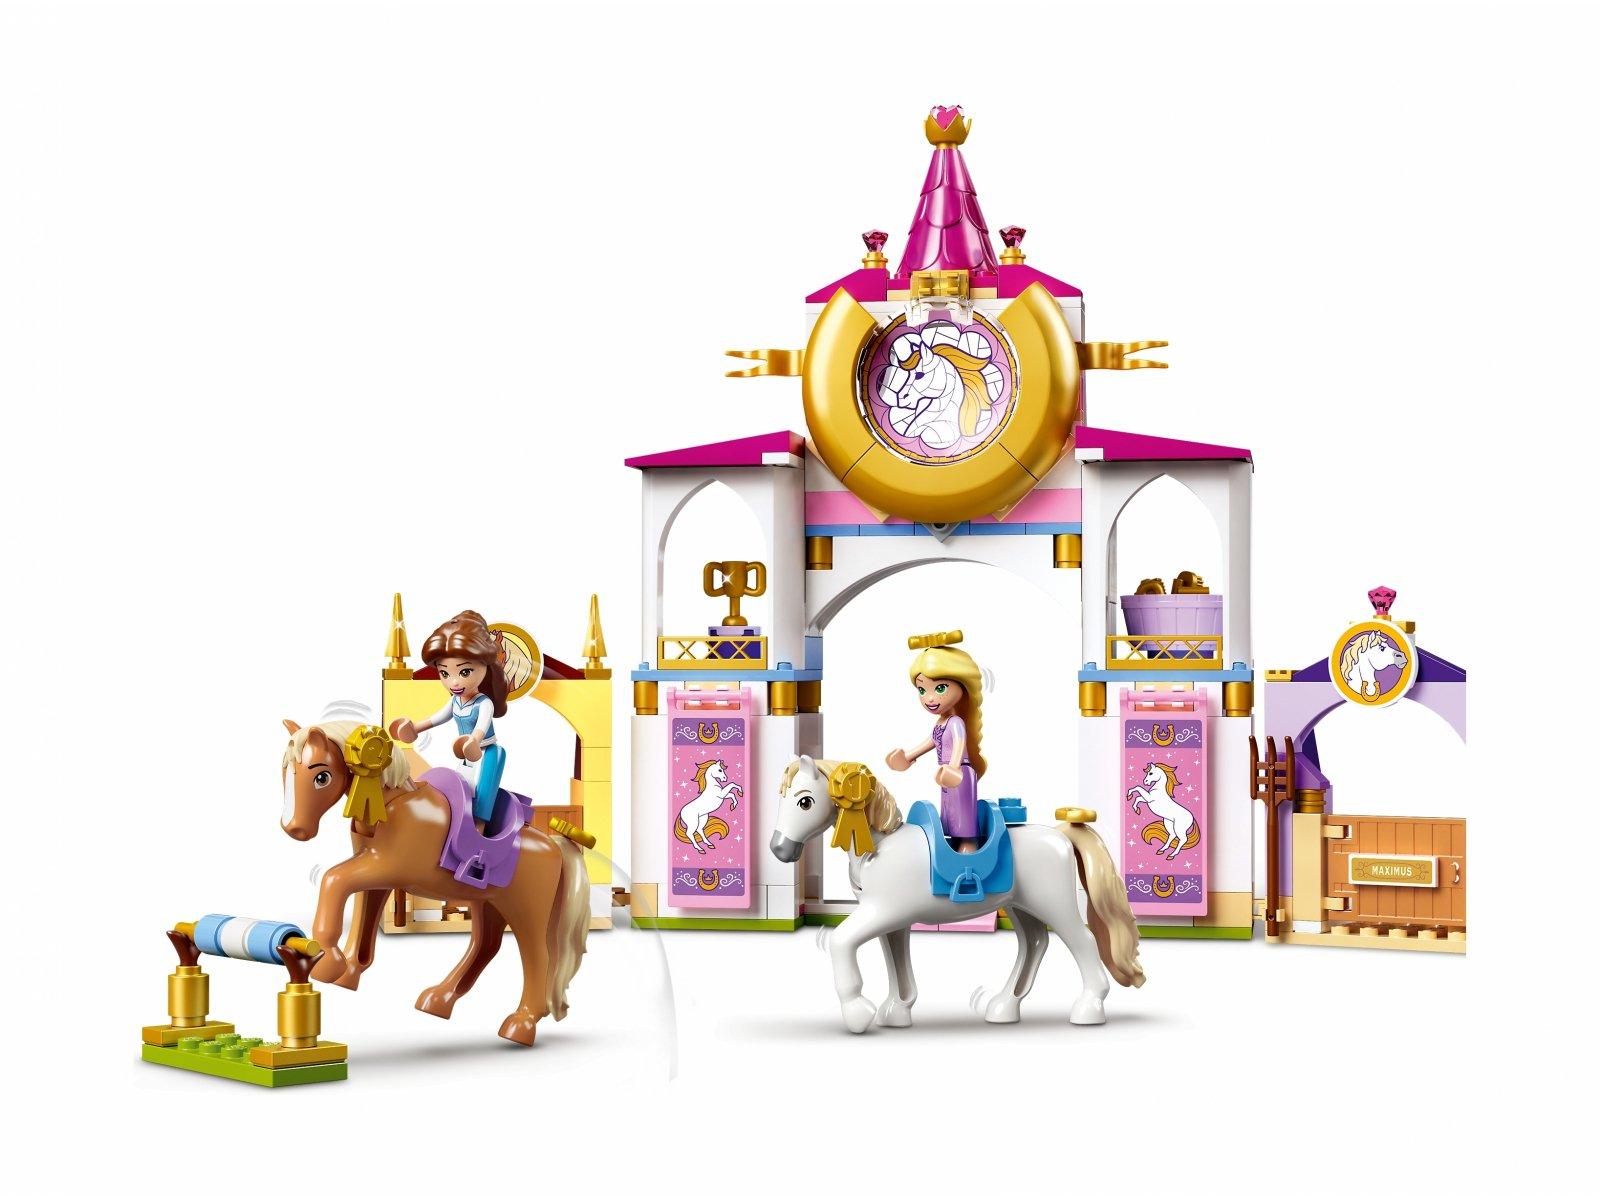 LEGO Disney Królewskie stajnie Belli i Roszpunki 43195